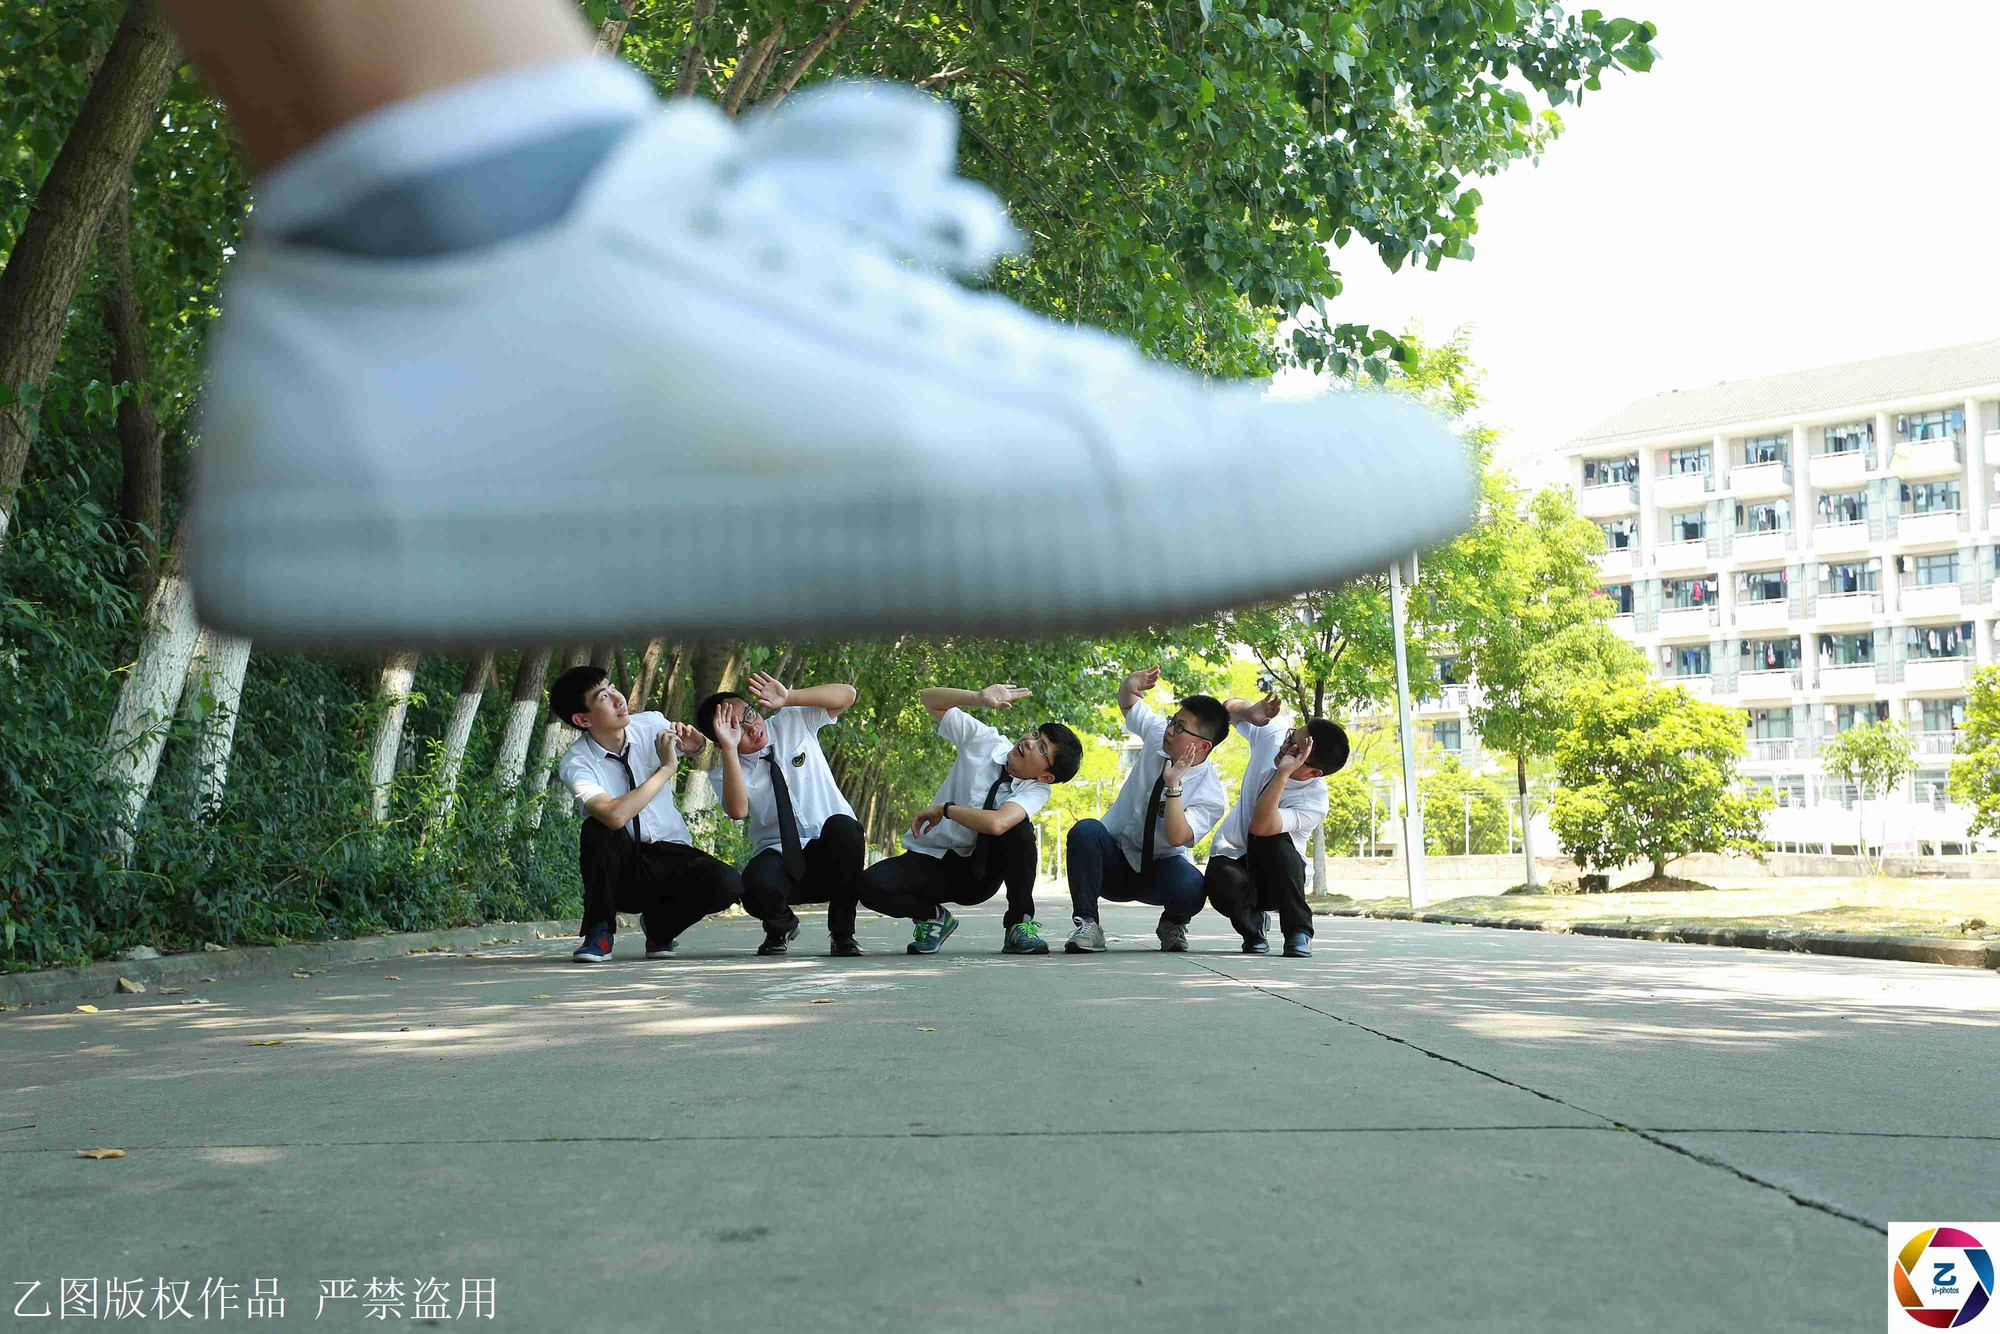 Kỷ yếu của học sinh Trung Quốc: Lầy lội nhưng sáng tạo và chất không kém Việt Nam - Ảnh 16.